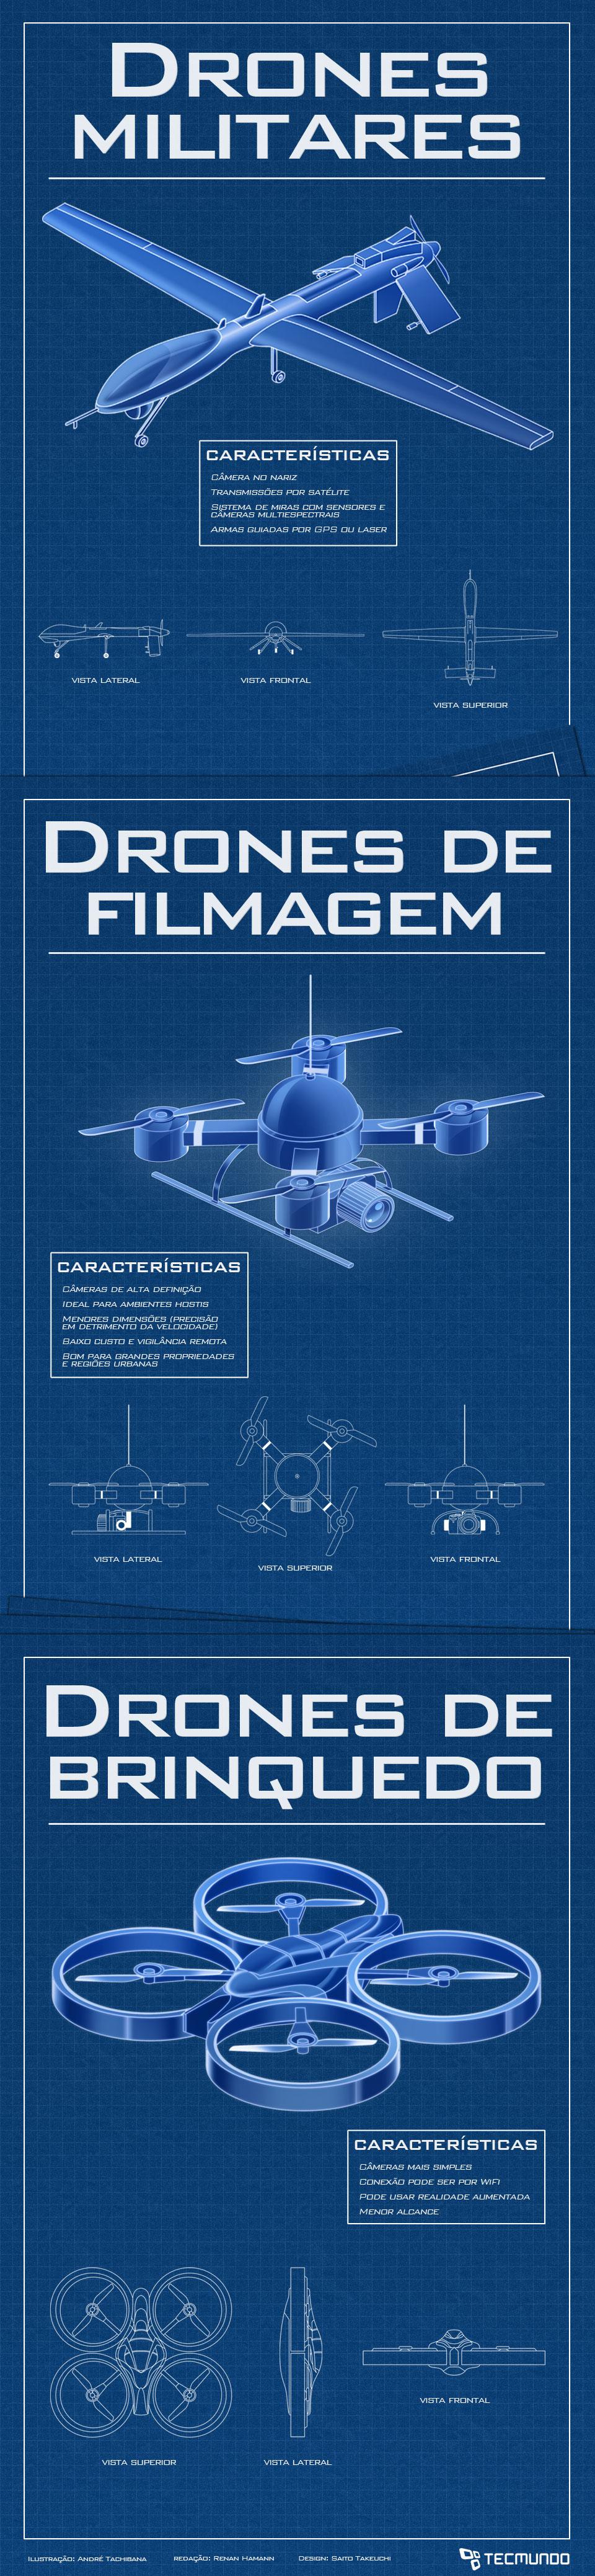 Drones: o que é preciso saber sobre os robôs voadores [ilustração]